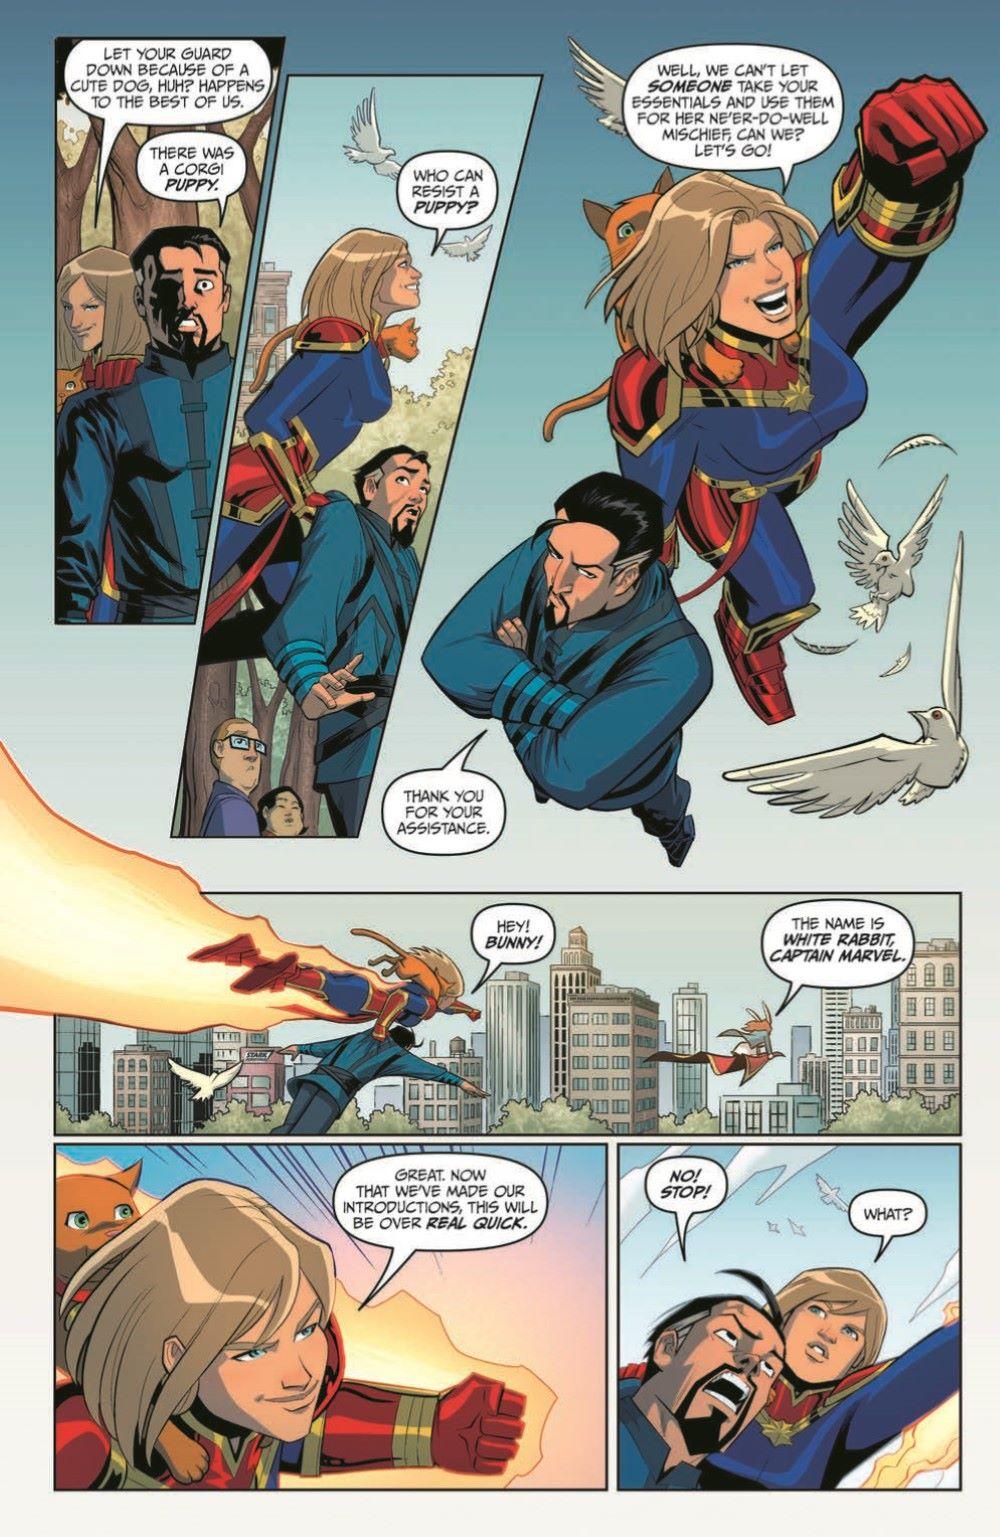 Marvel_Avengers_03_pr-7 ComicList Previews: MARVEL ACTION AVENGERS VOLUME 2 #3